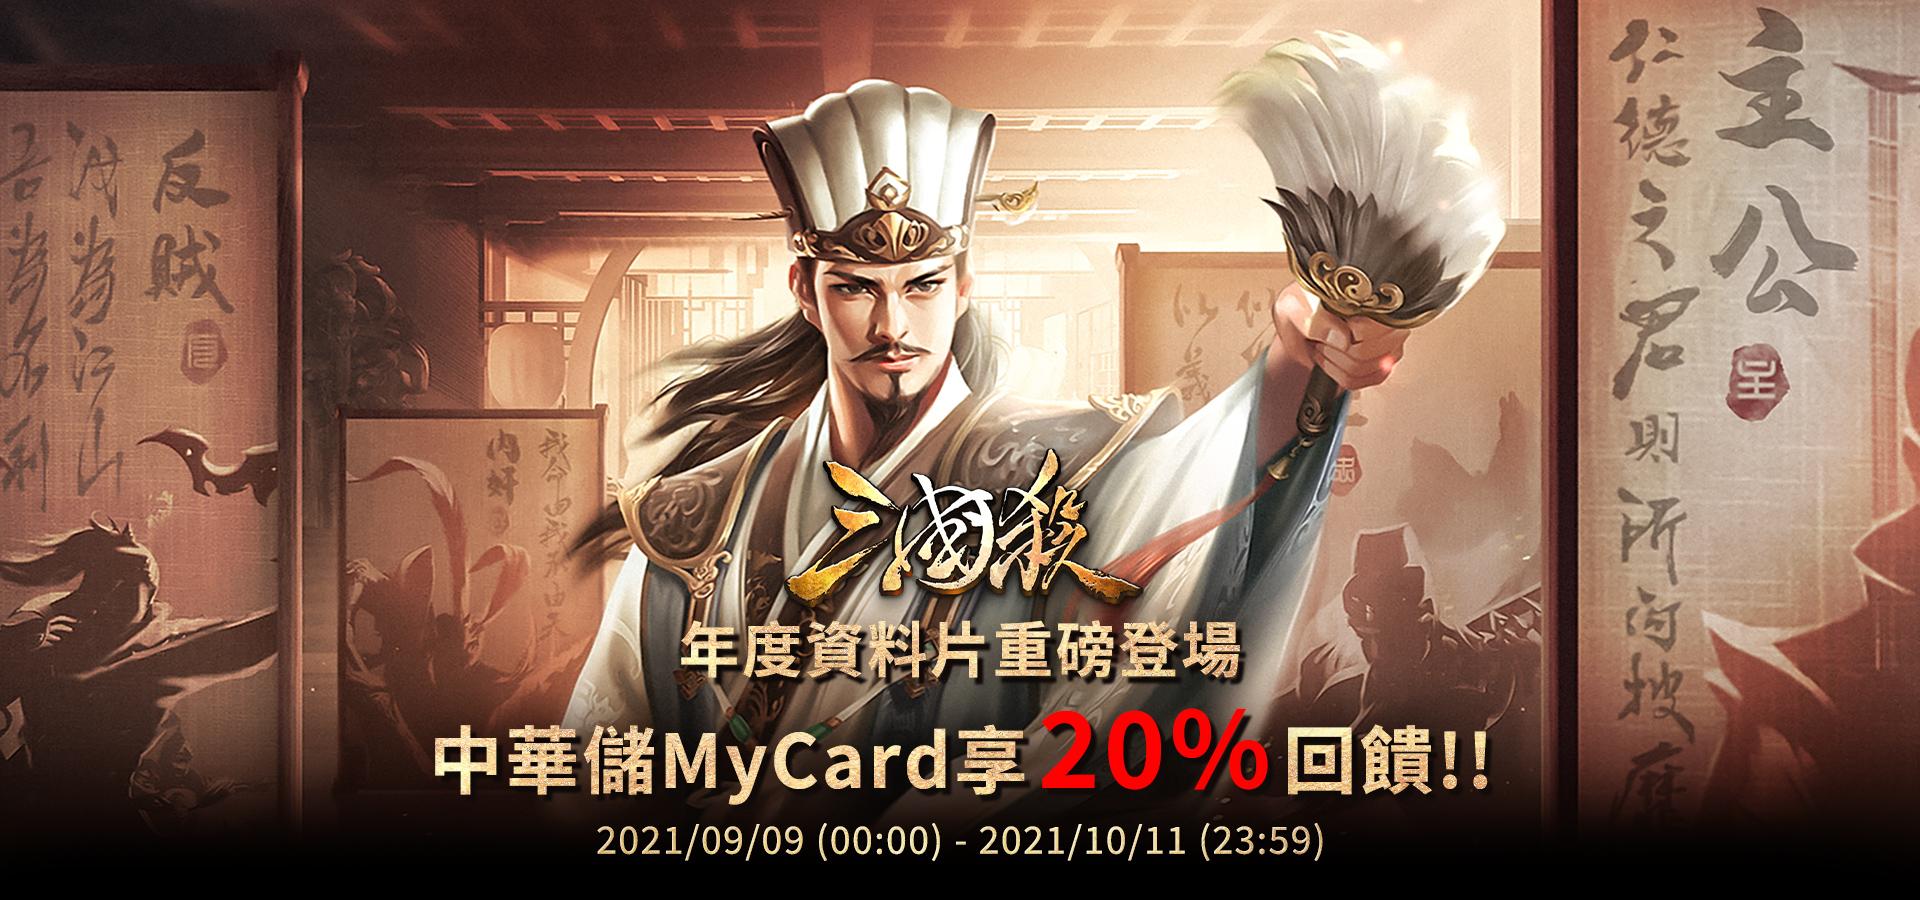 《三國殺》MyCard儲值享20%回饋-中華電信